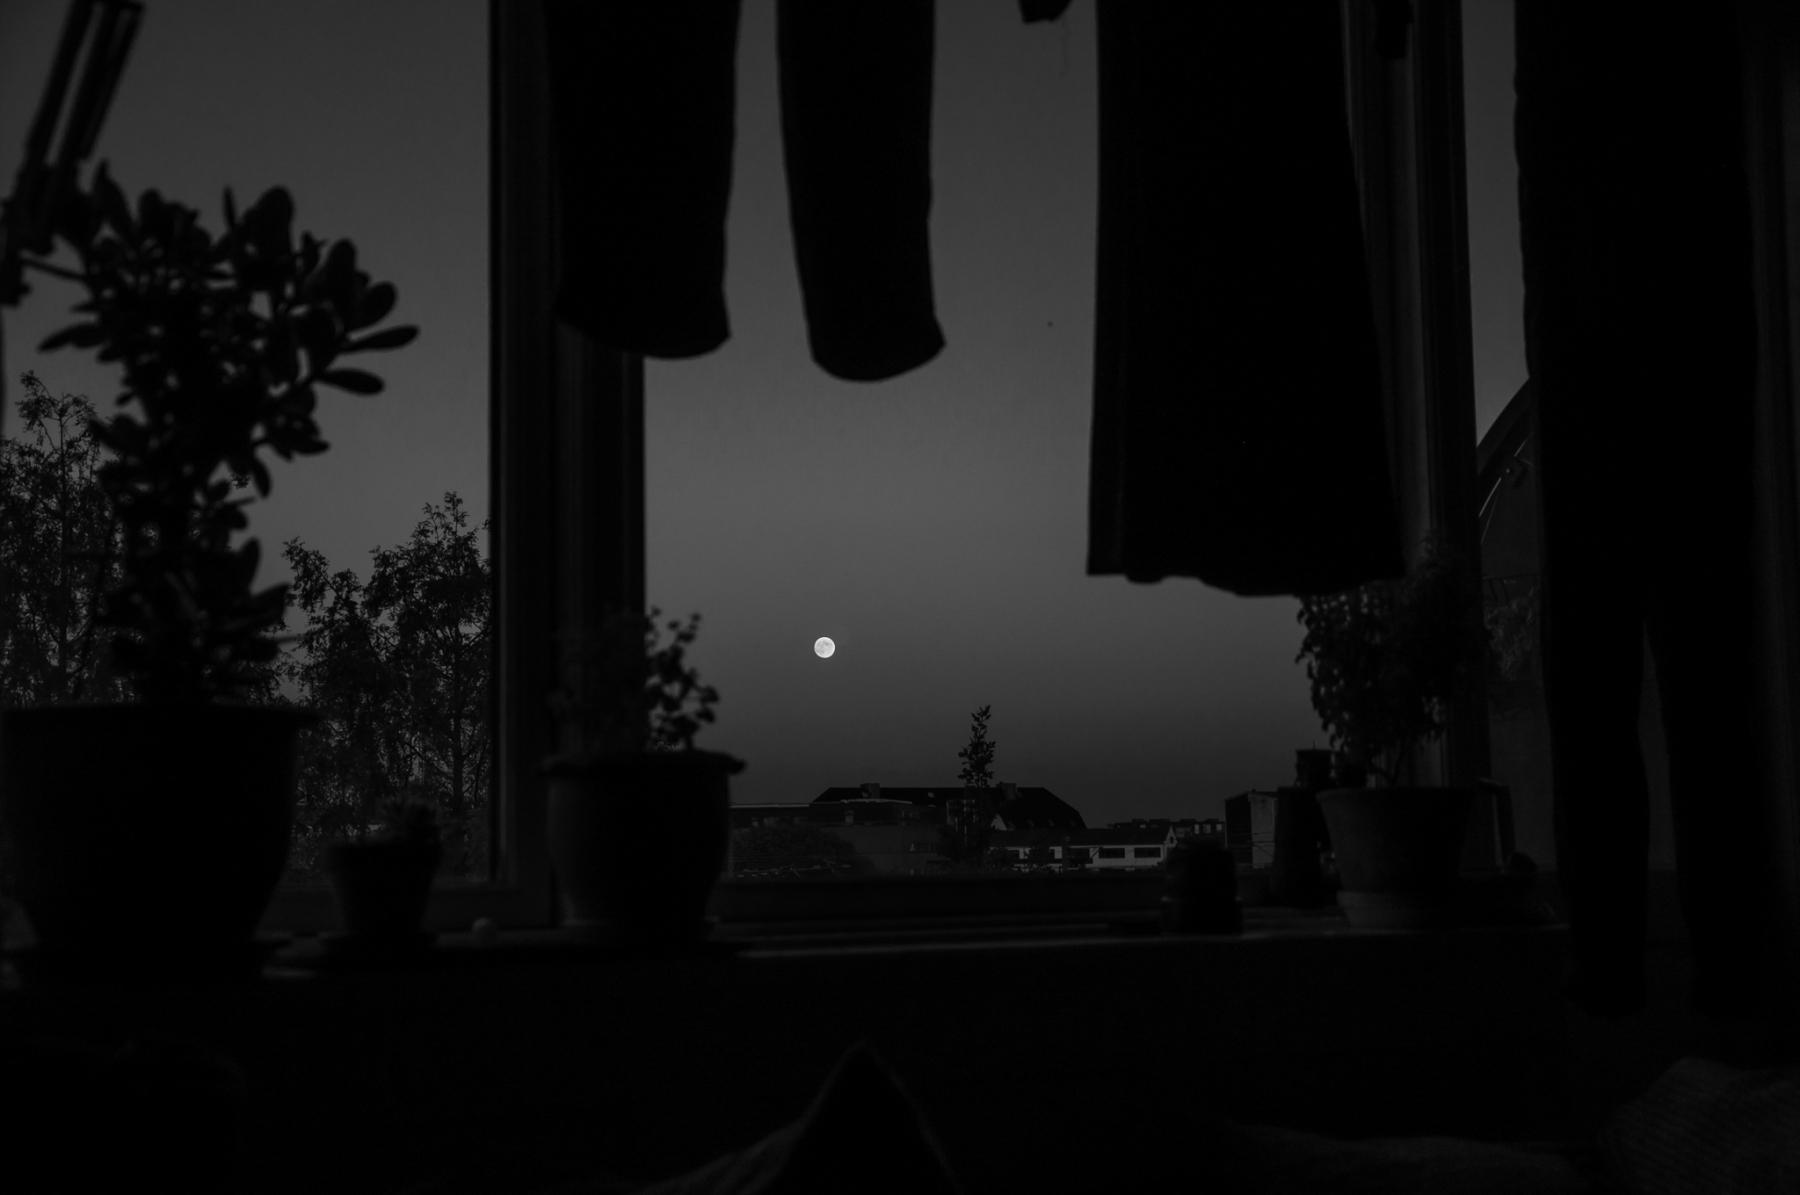 anja-blaksmark-vasketøj-månen